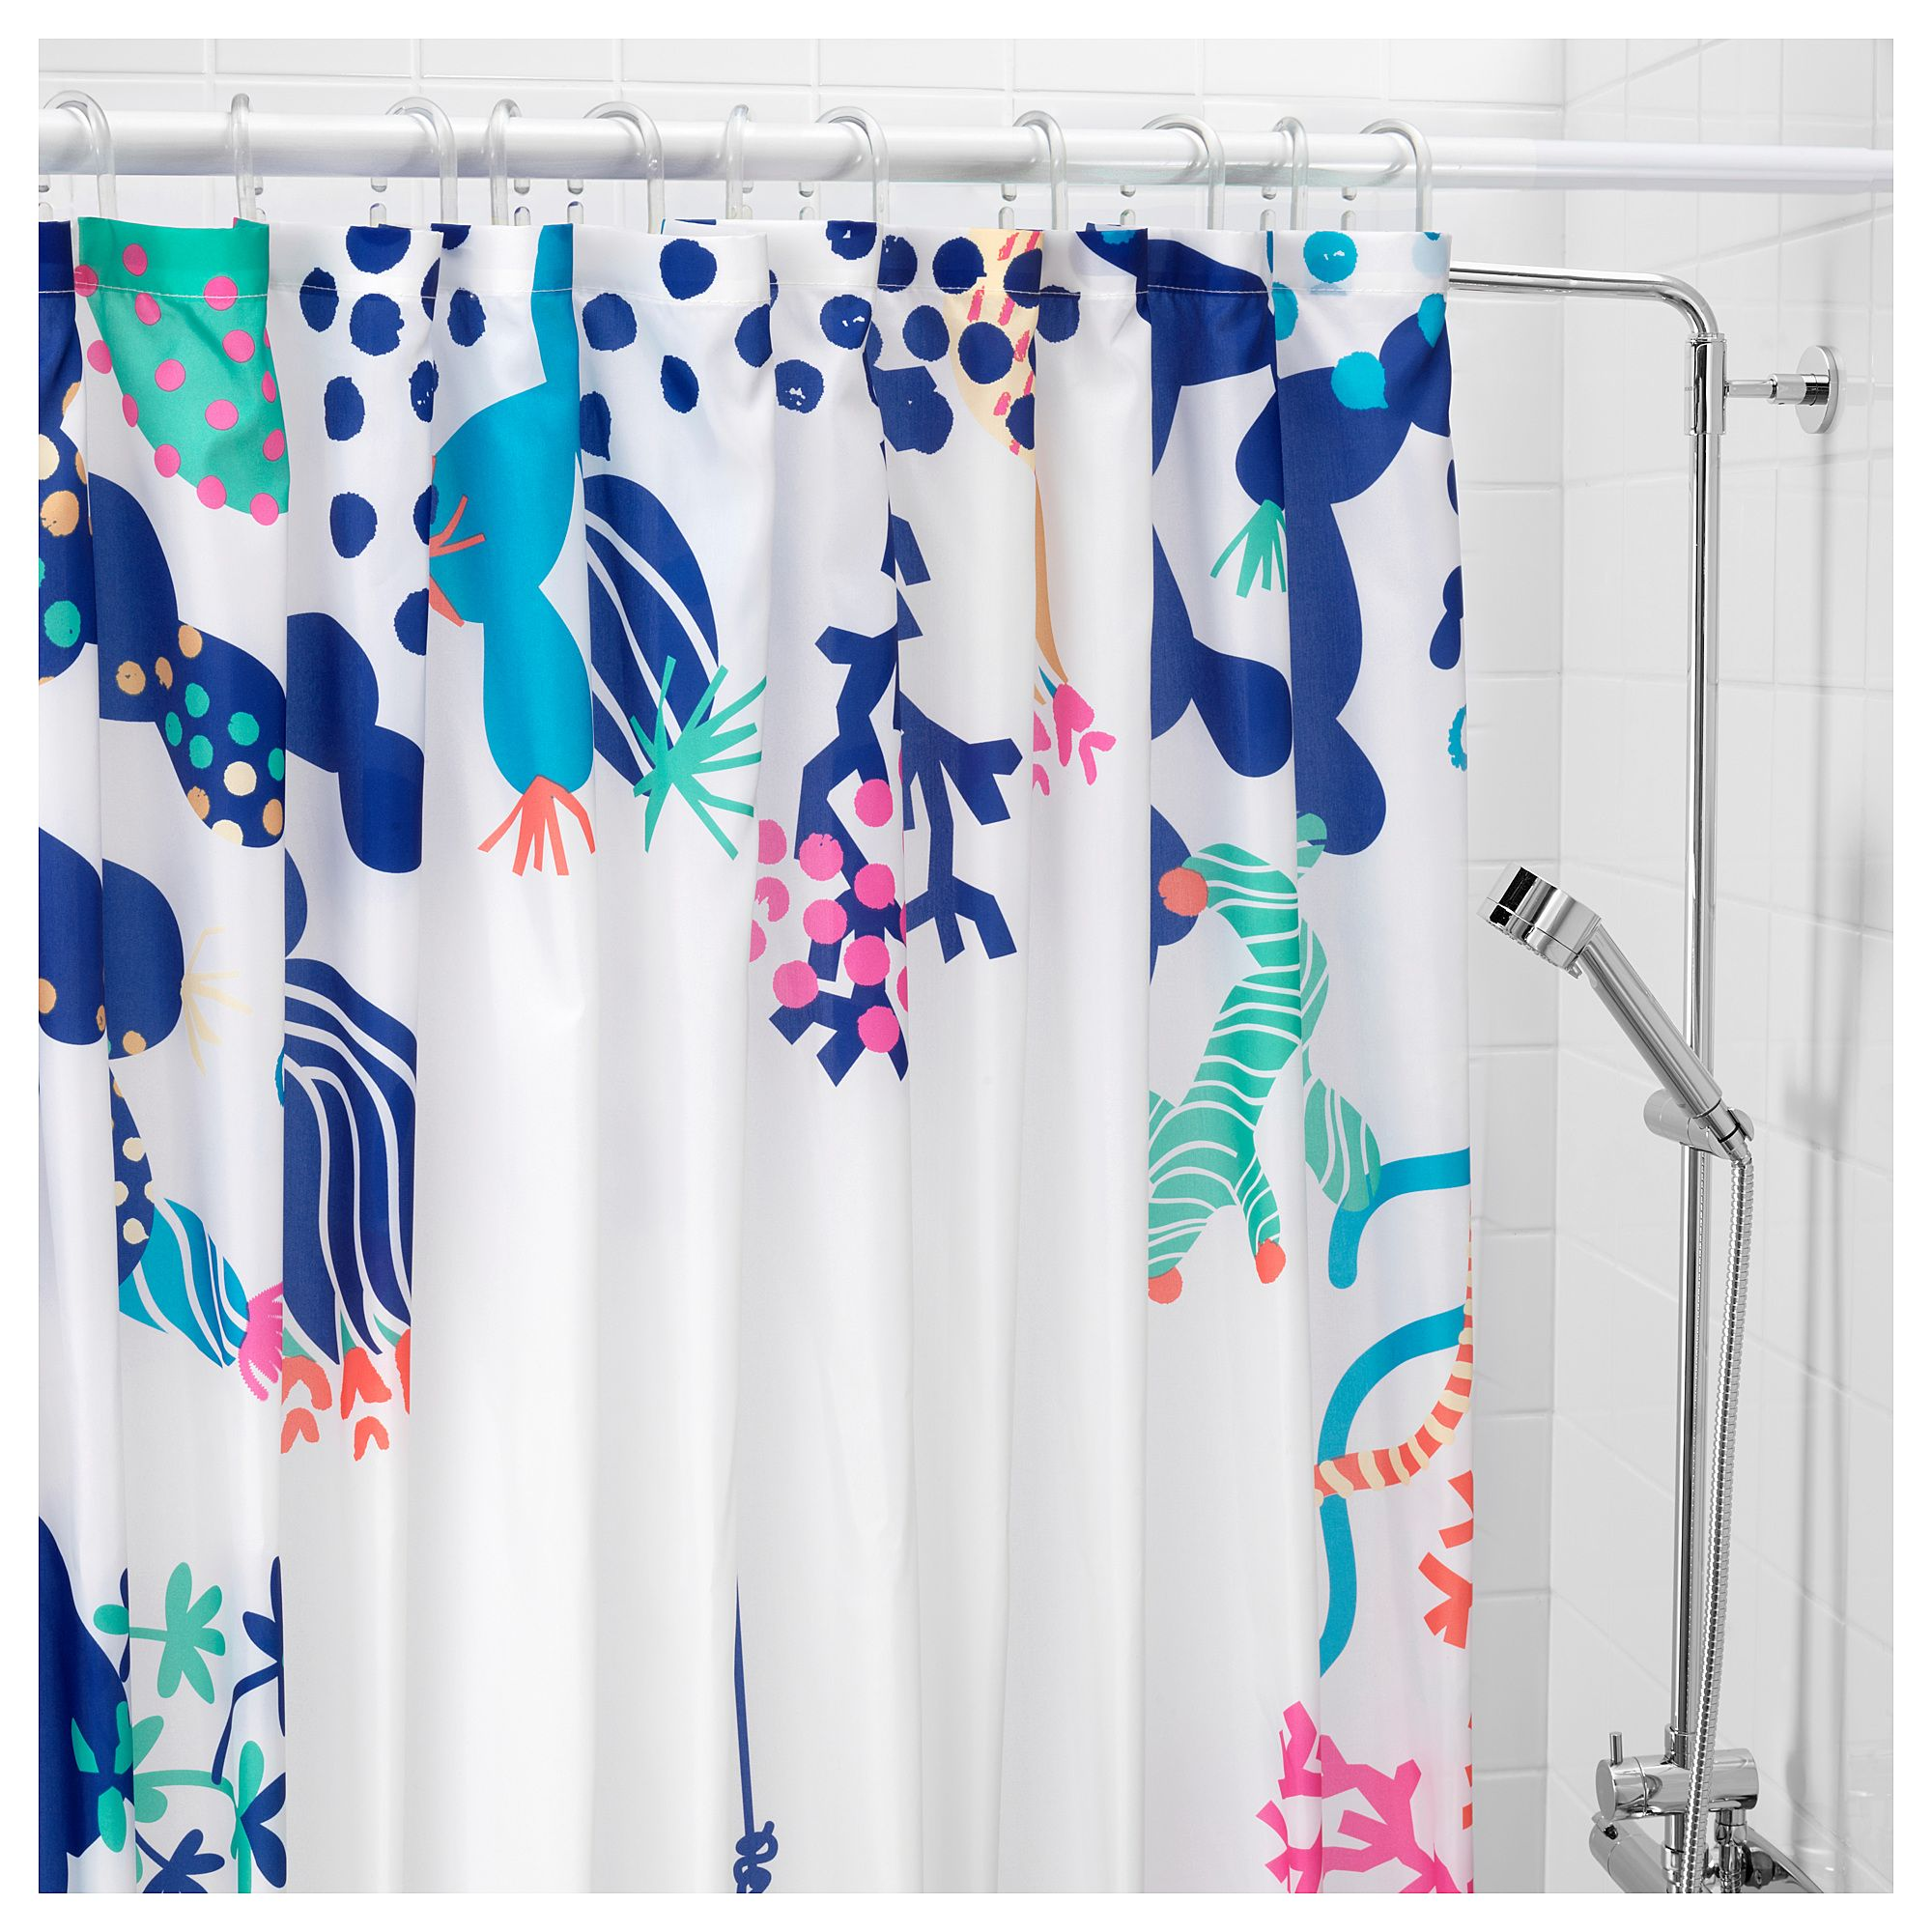 Lasjon Shower Curtain Multicolor 71x71 180x180 Cm Shower